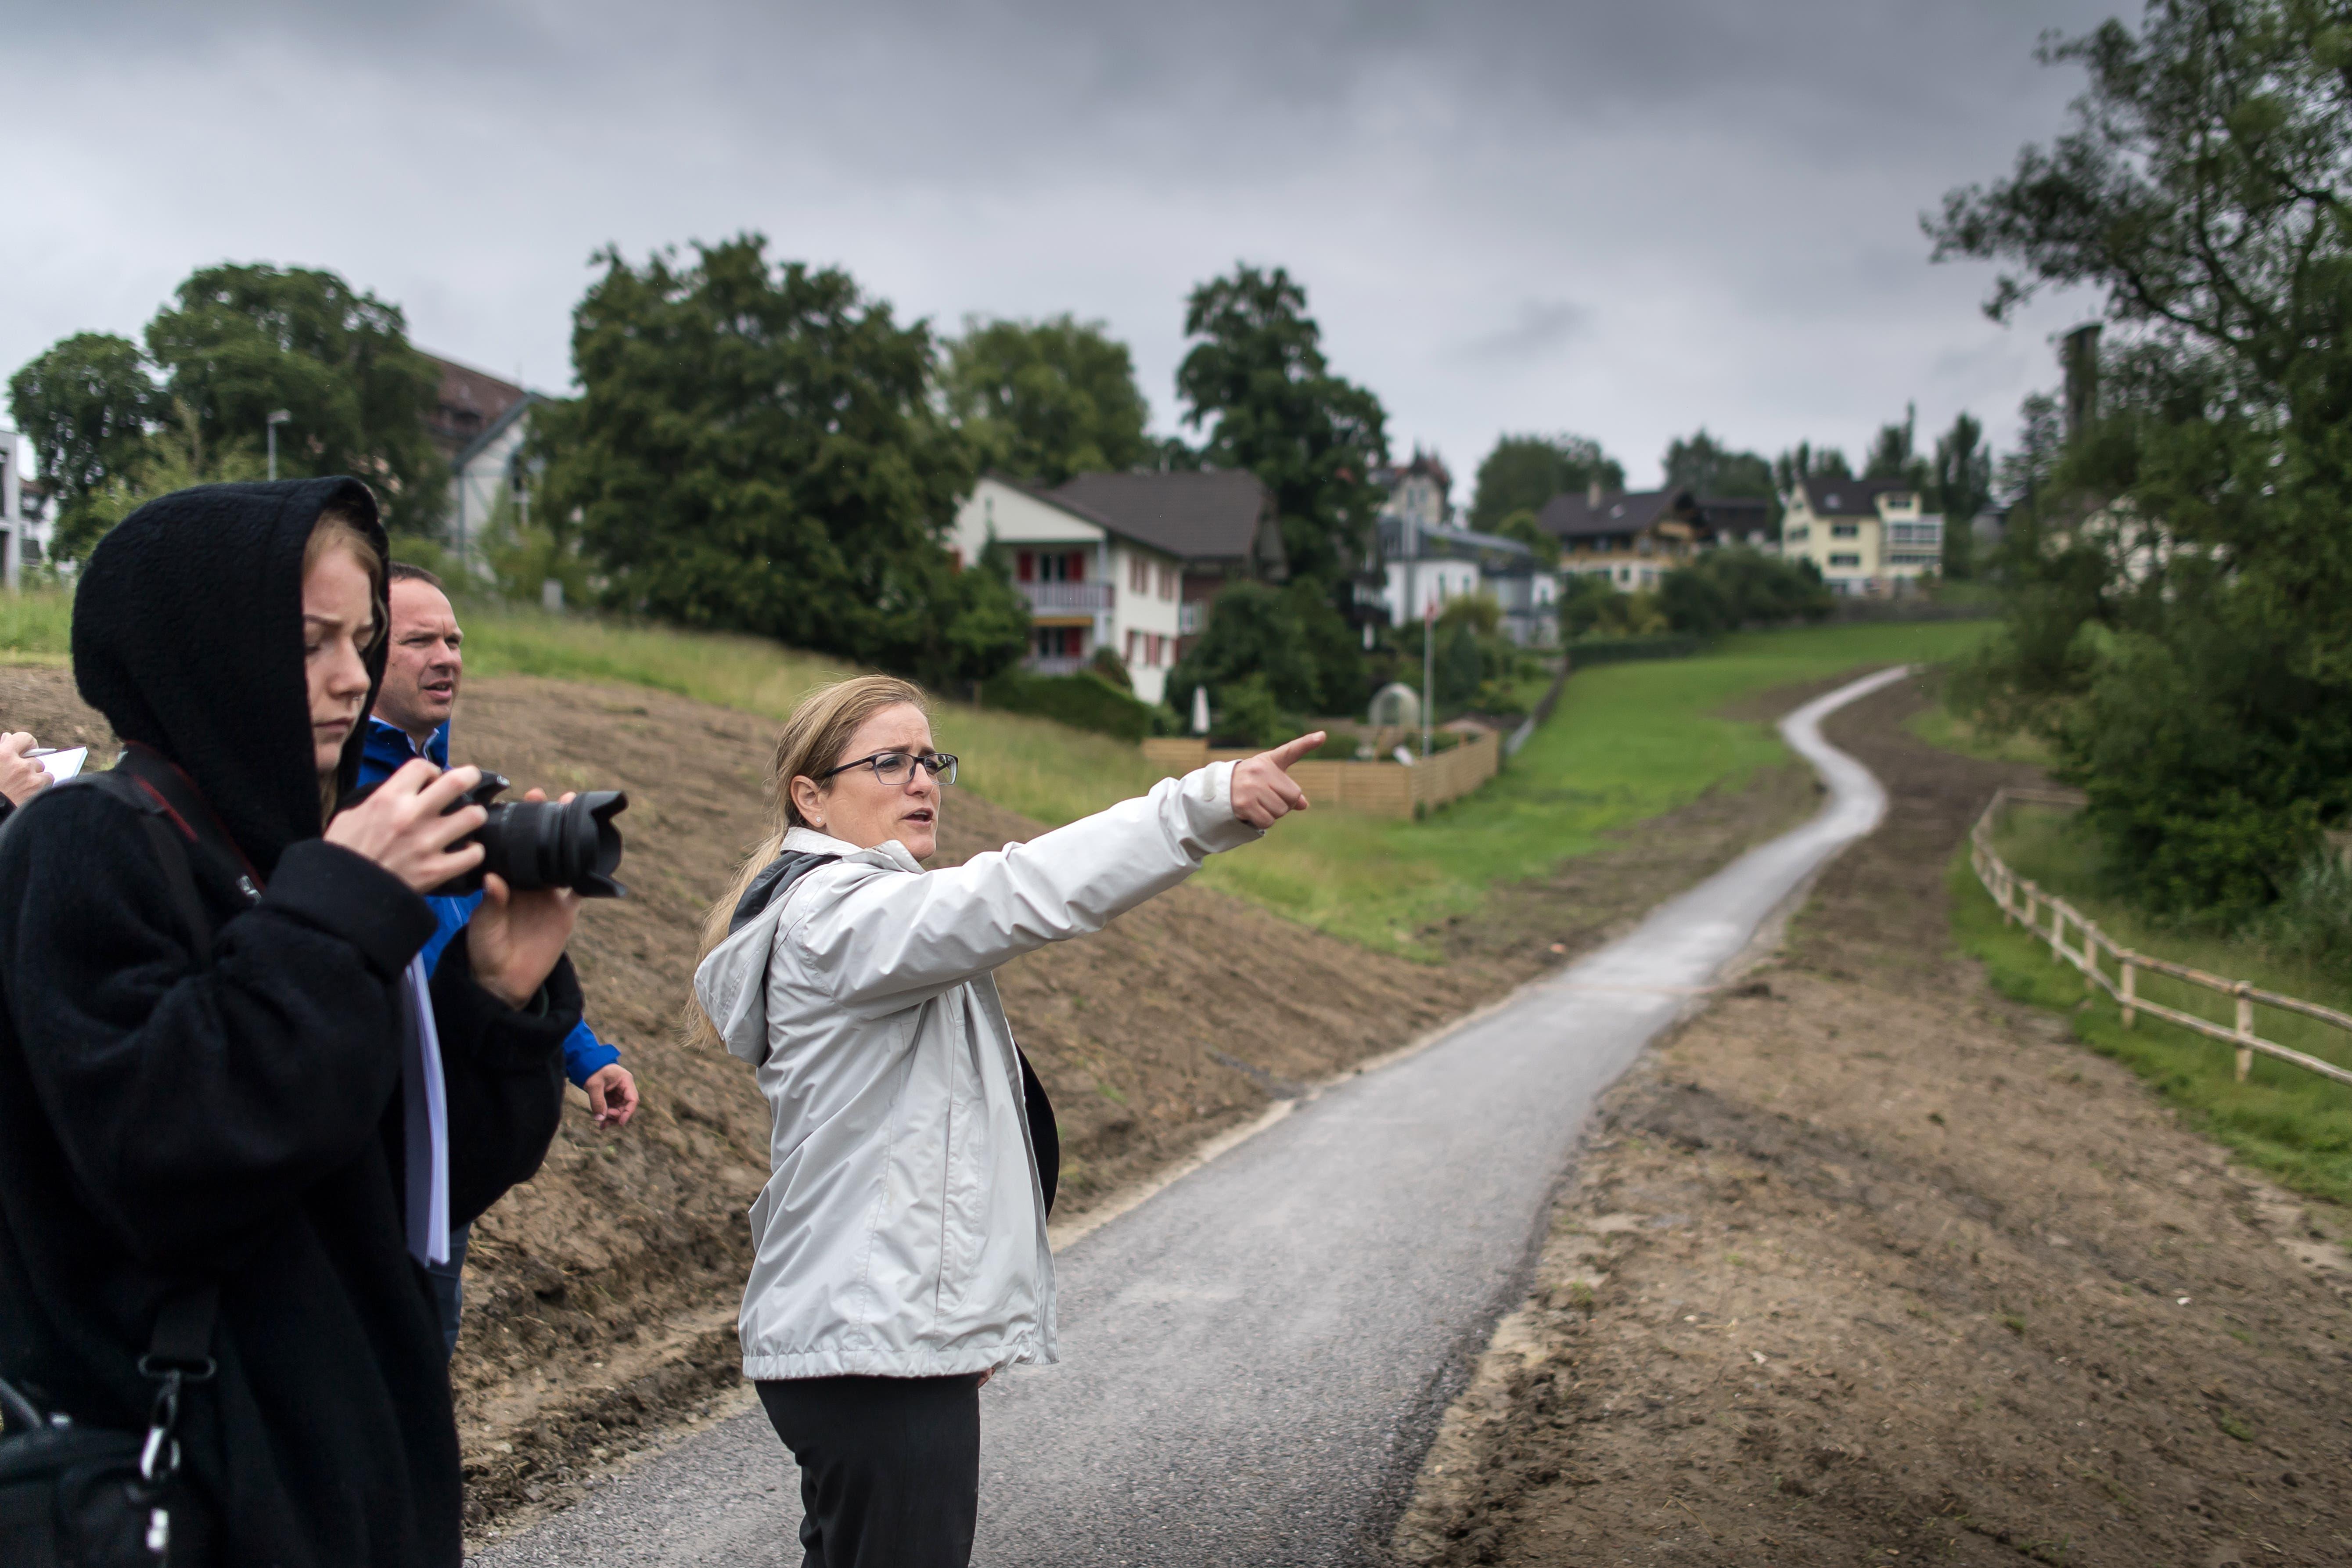 Stadträtin Maria Pappa während der Medienorientierung. Zwischen dem neu angelegten Weg und den Häusern im Hintergrund wird im Herbst eine zwei bis drei Meter breite Hecke gepflanzt.